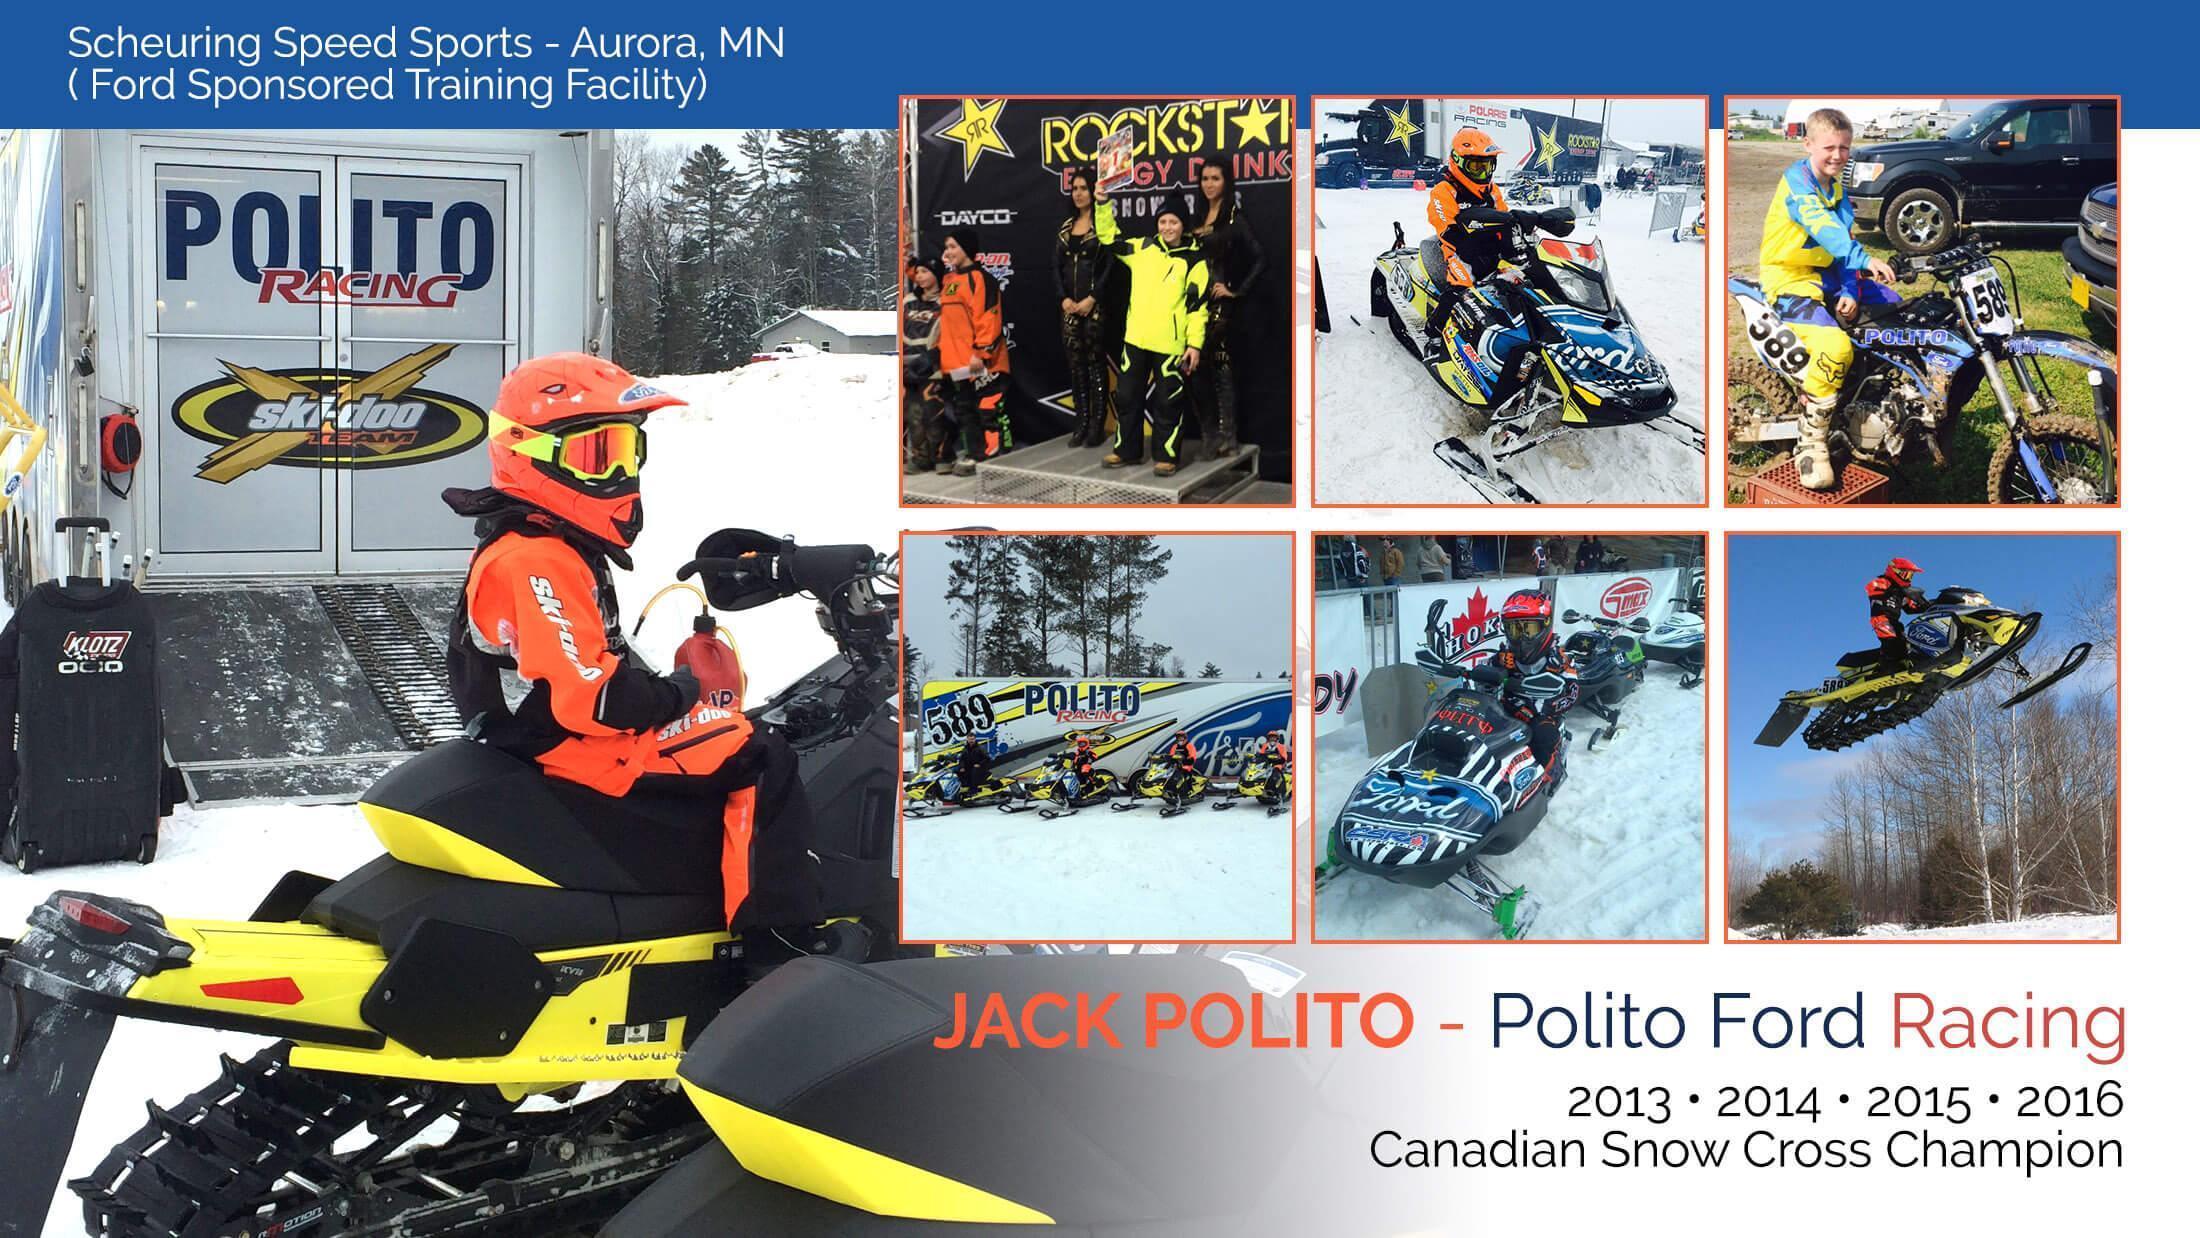 Jack Polito